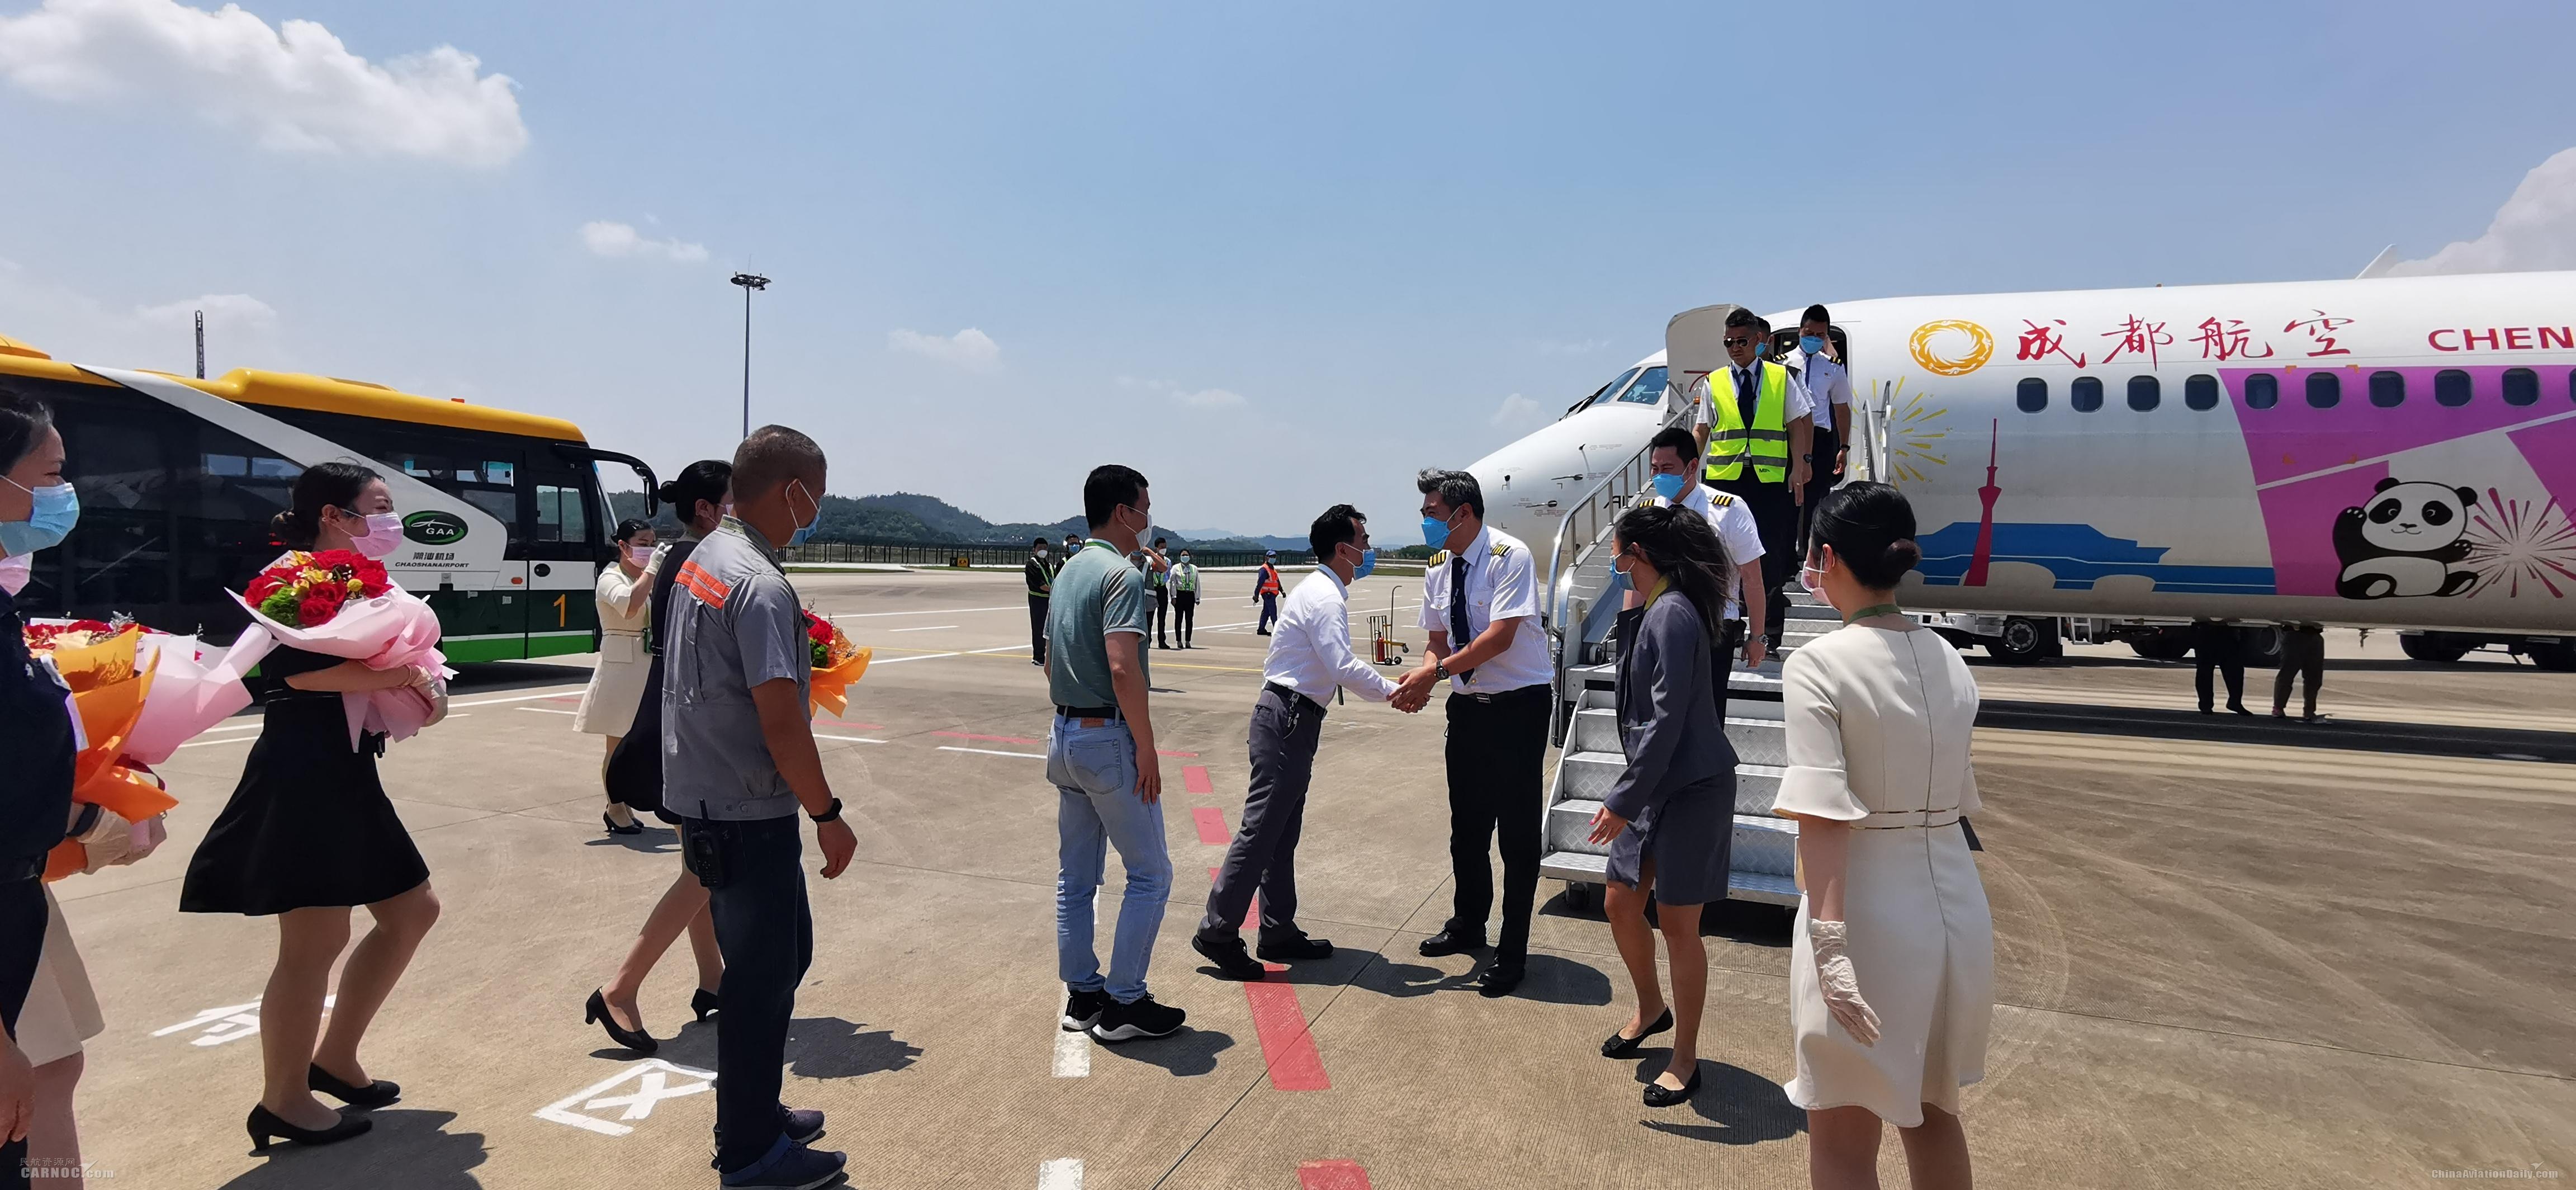 揭阳潮汕机场夏秋航季新增拉萨、常州、盐城等多个新航点